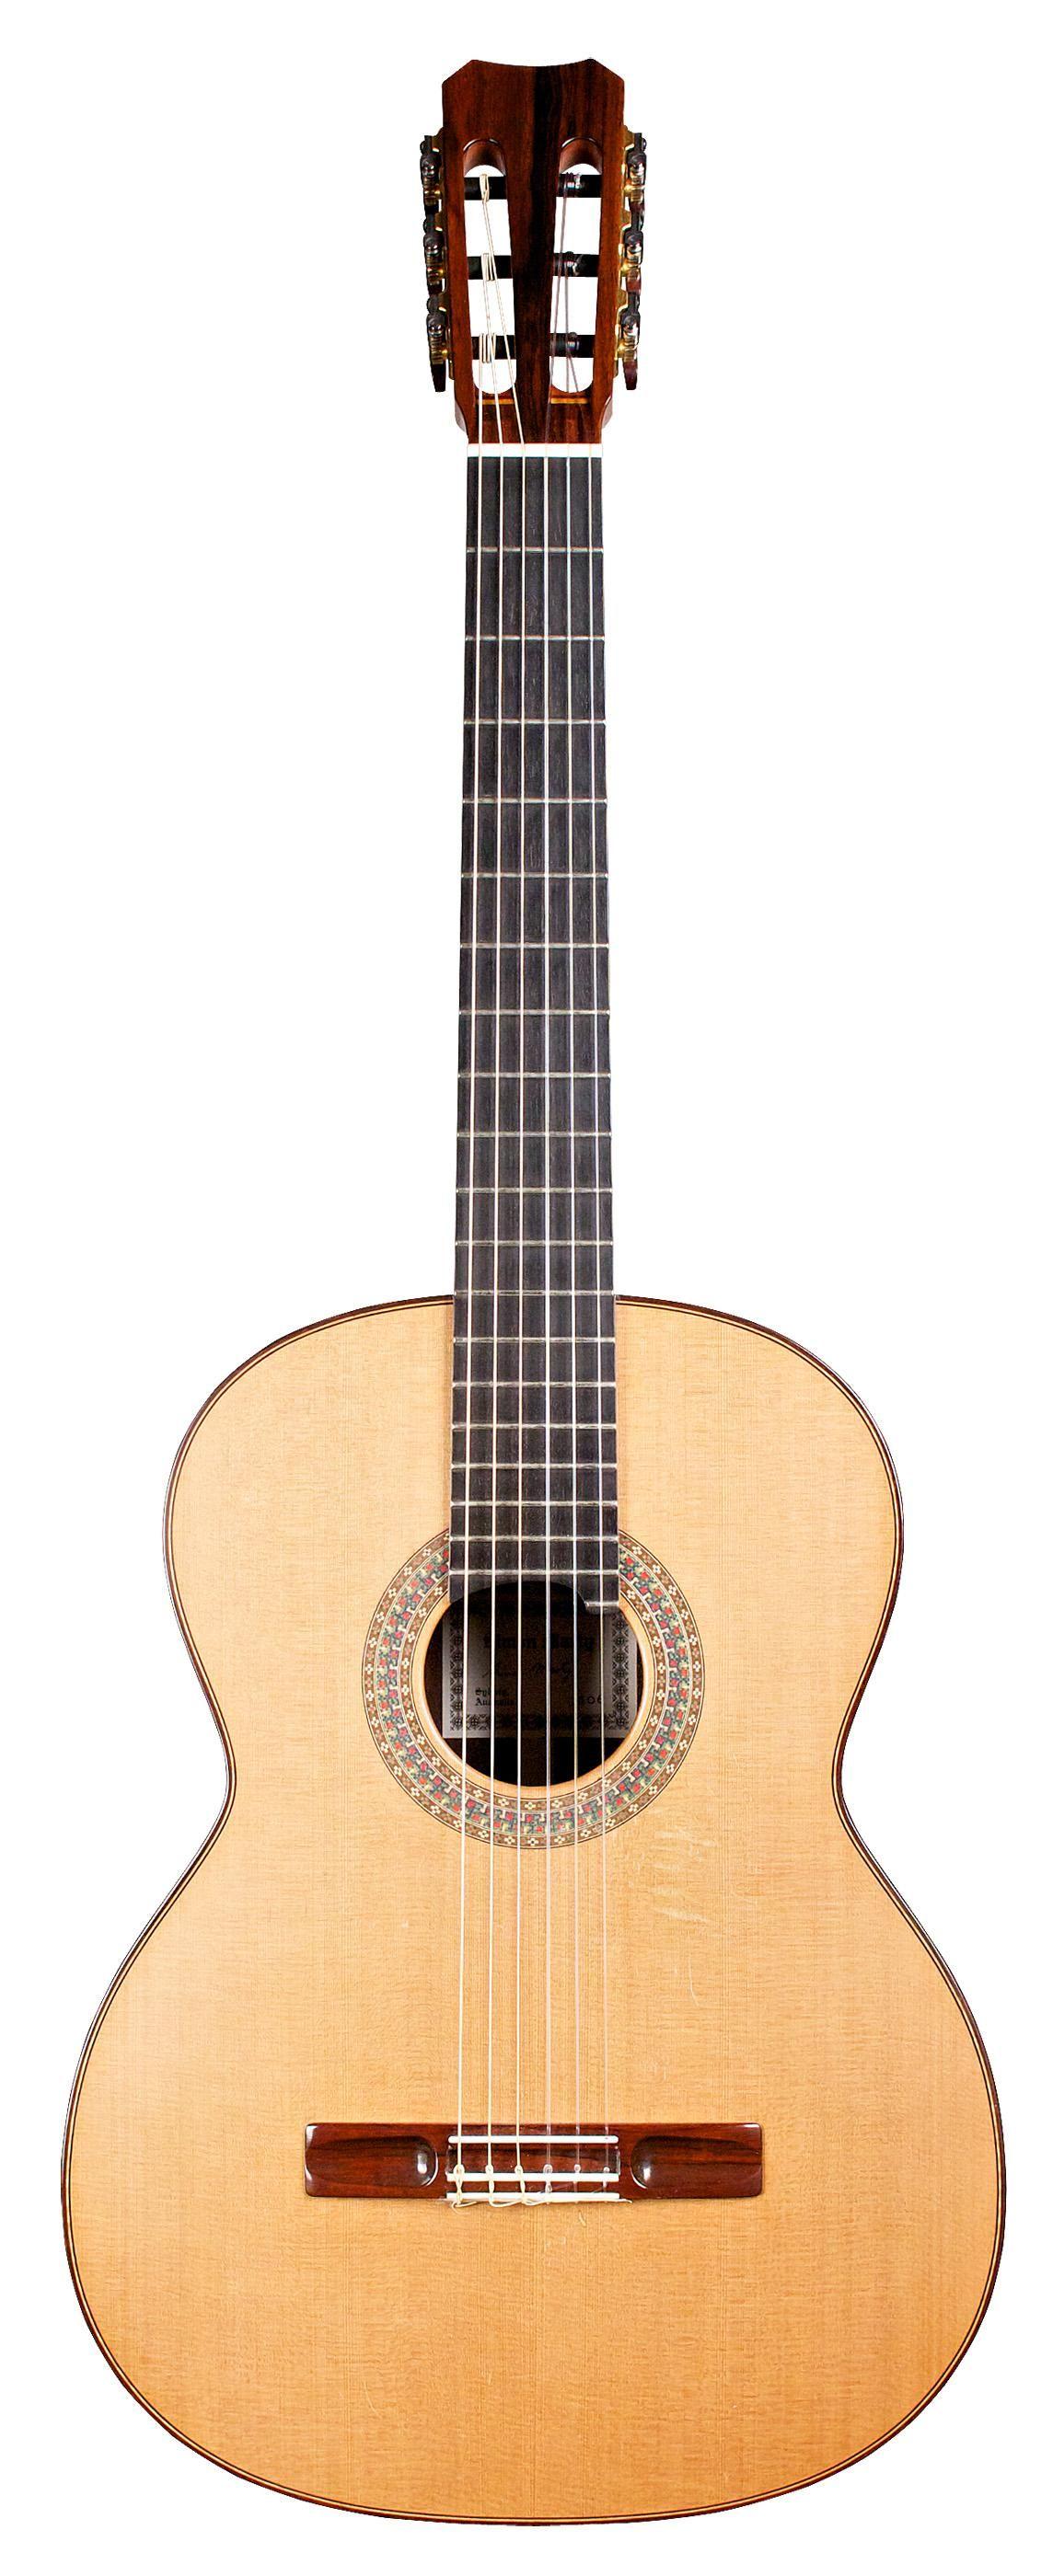 Simon Marty Instrumentos Musicales Guitarras Musicales